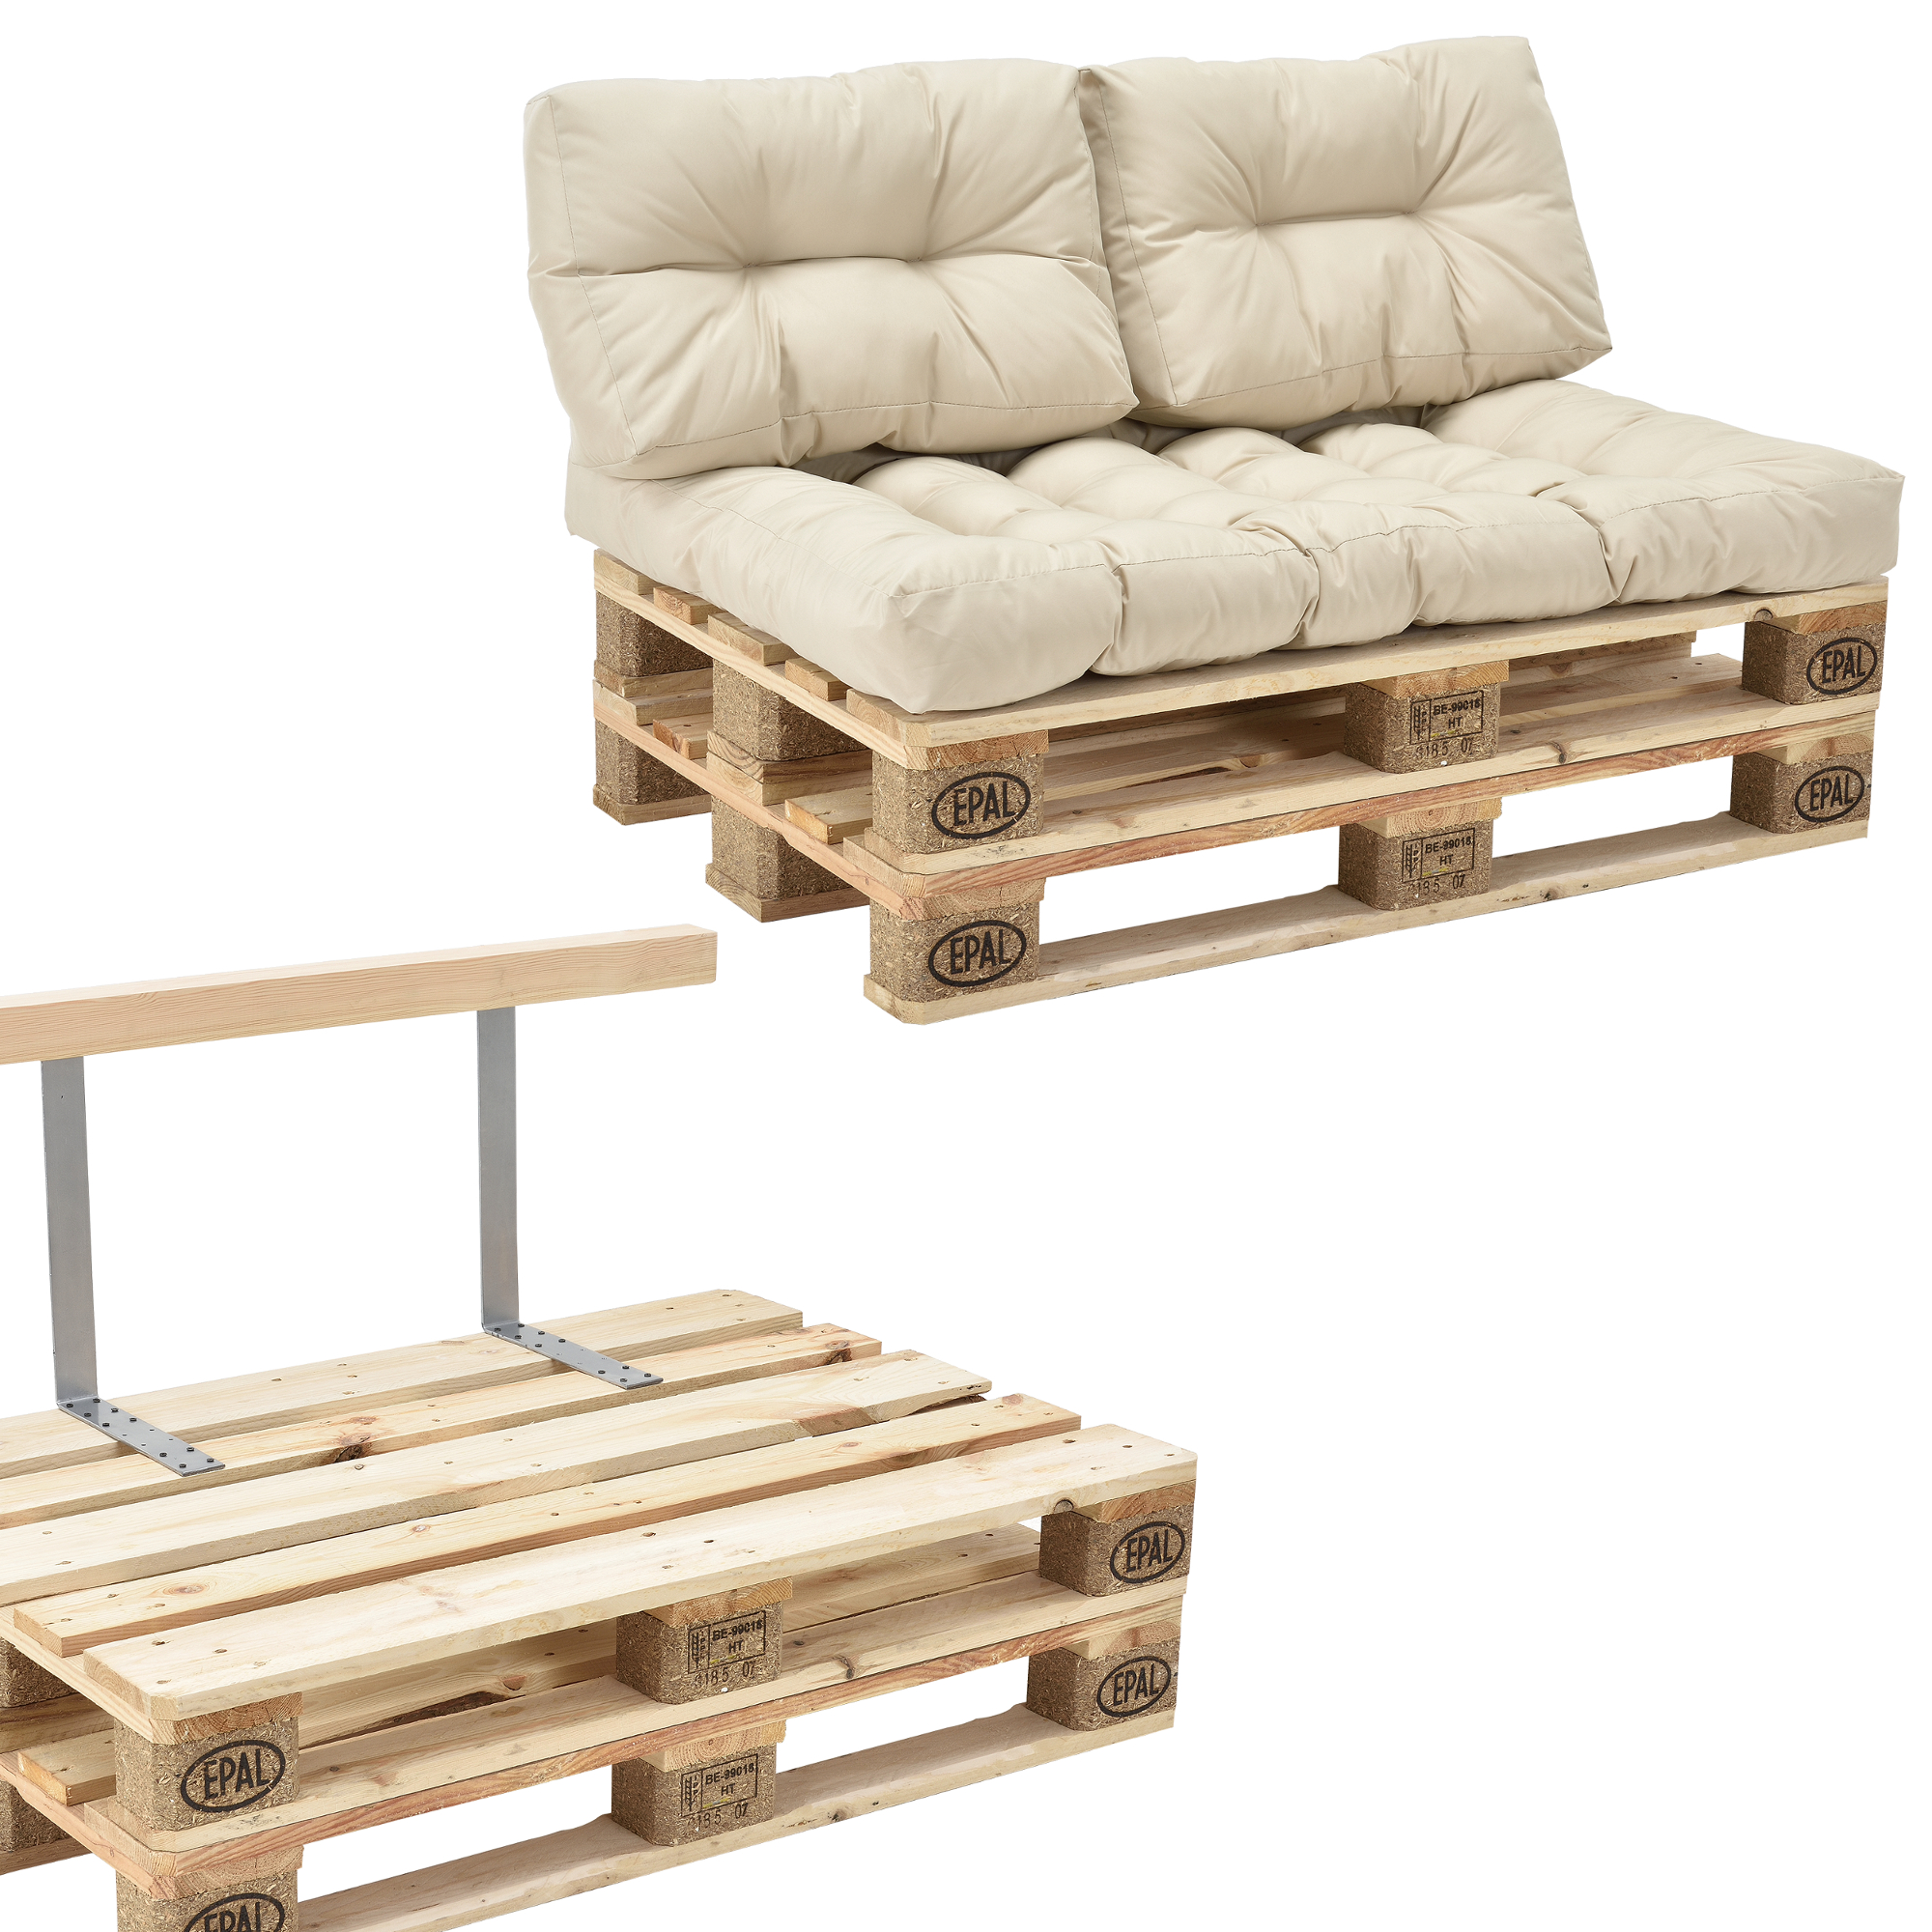 euro palettes canap coussin beige 2 places rembourrage pour dossier ebay. Black Bedroom Furniture Sets. Home Design Ideas